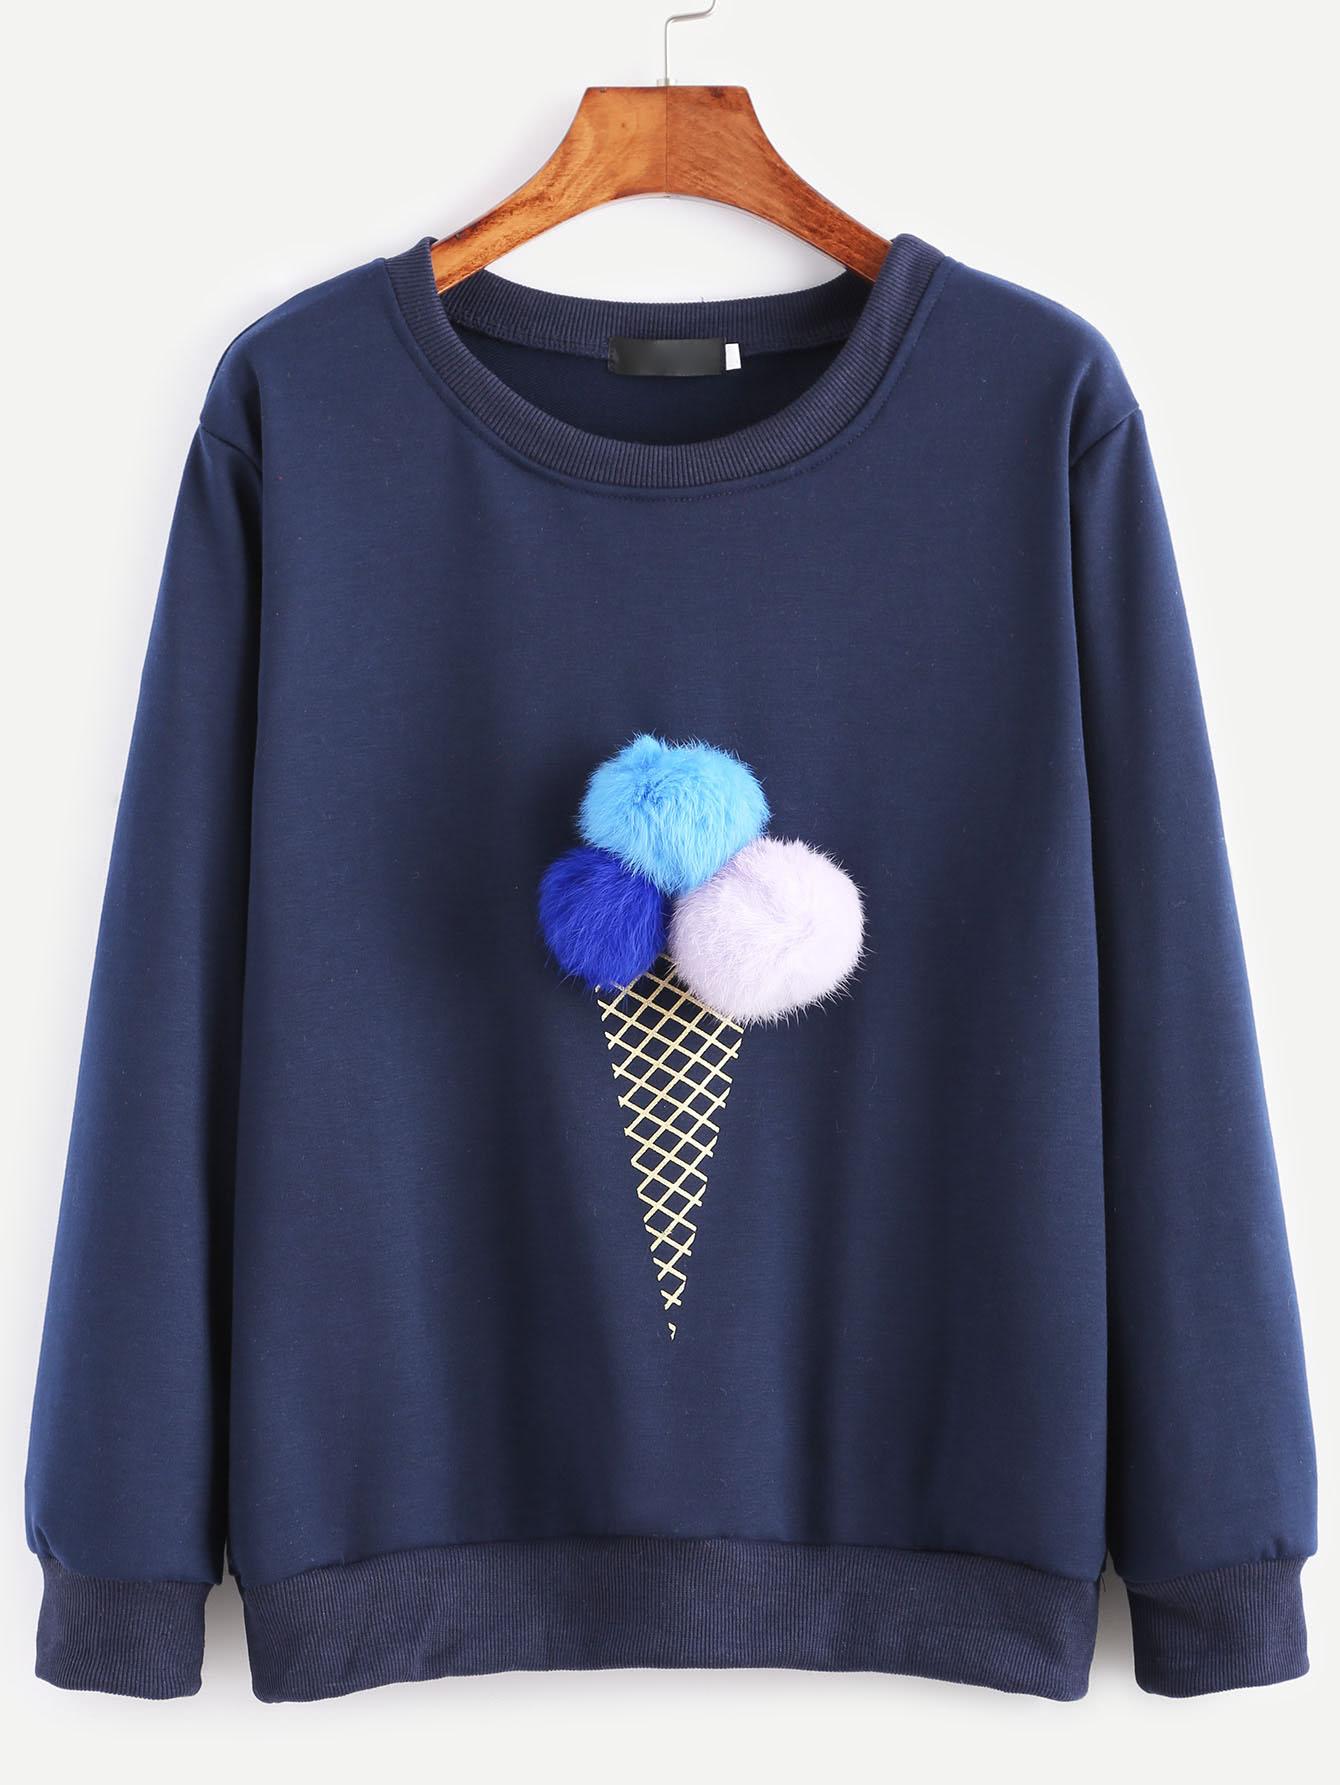 Ice Cream Print Pom Pom Sweatshirt navy round neck sweatshirt with pom pom details